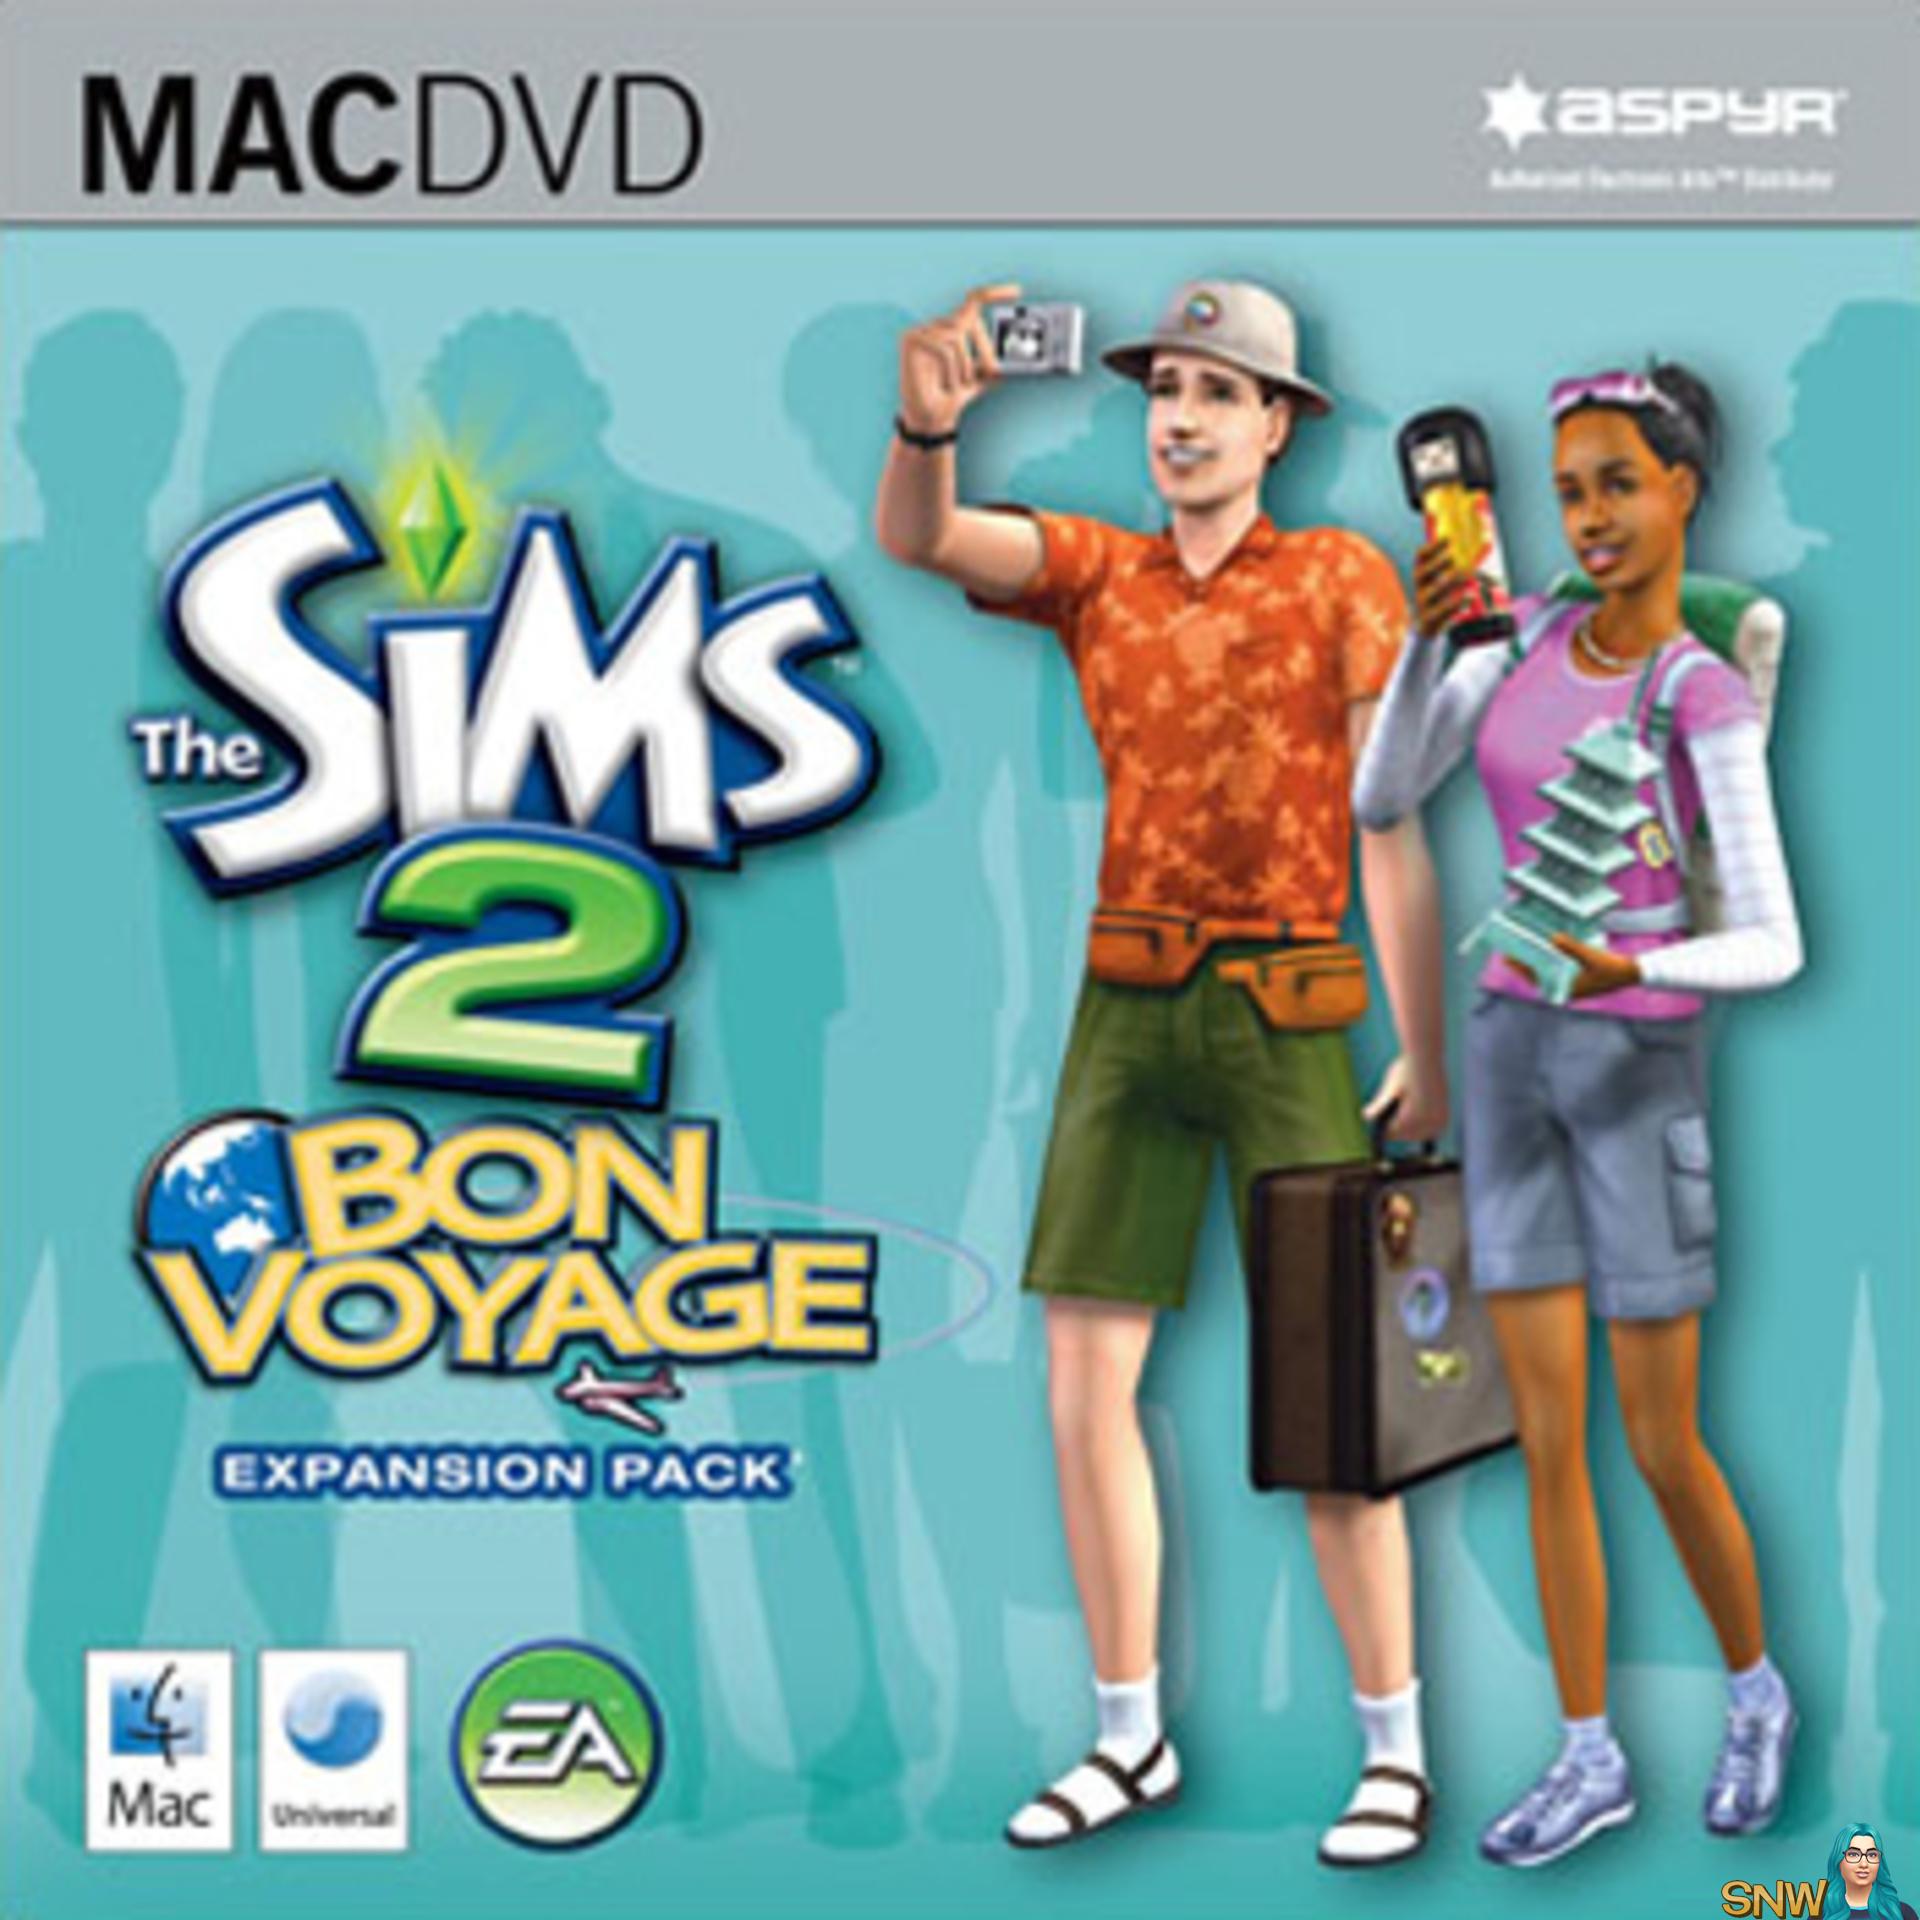 The Sims 2 Bon Voyage - Mac